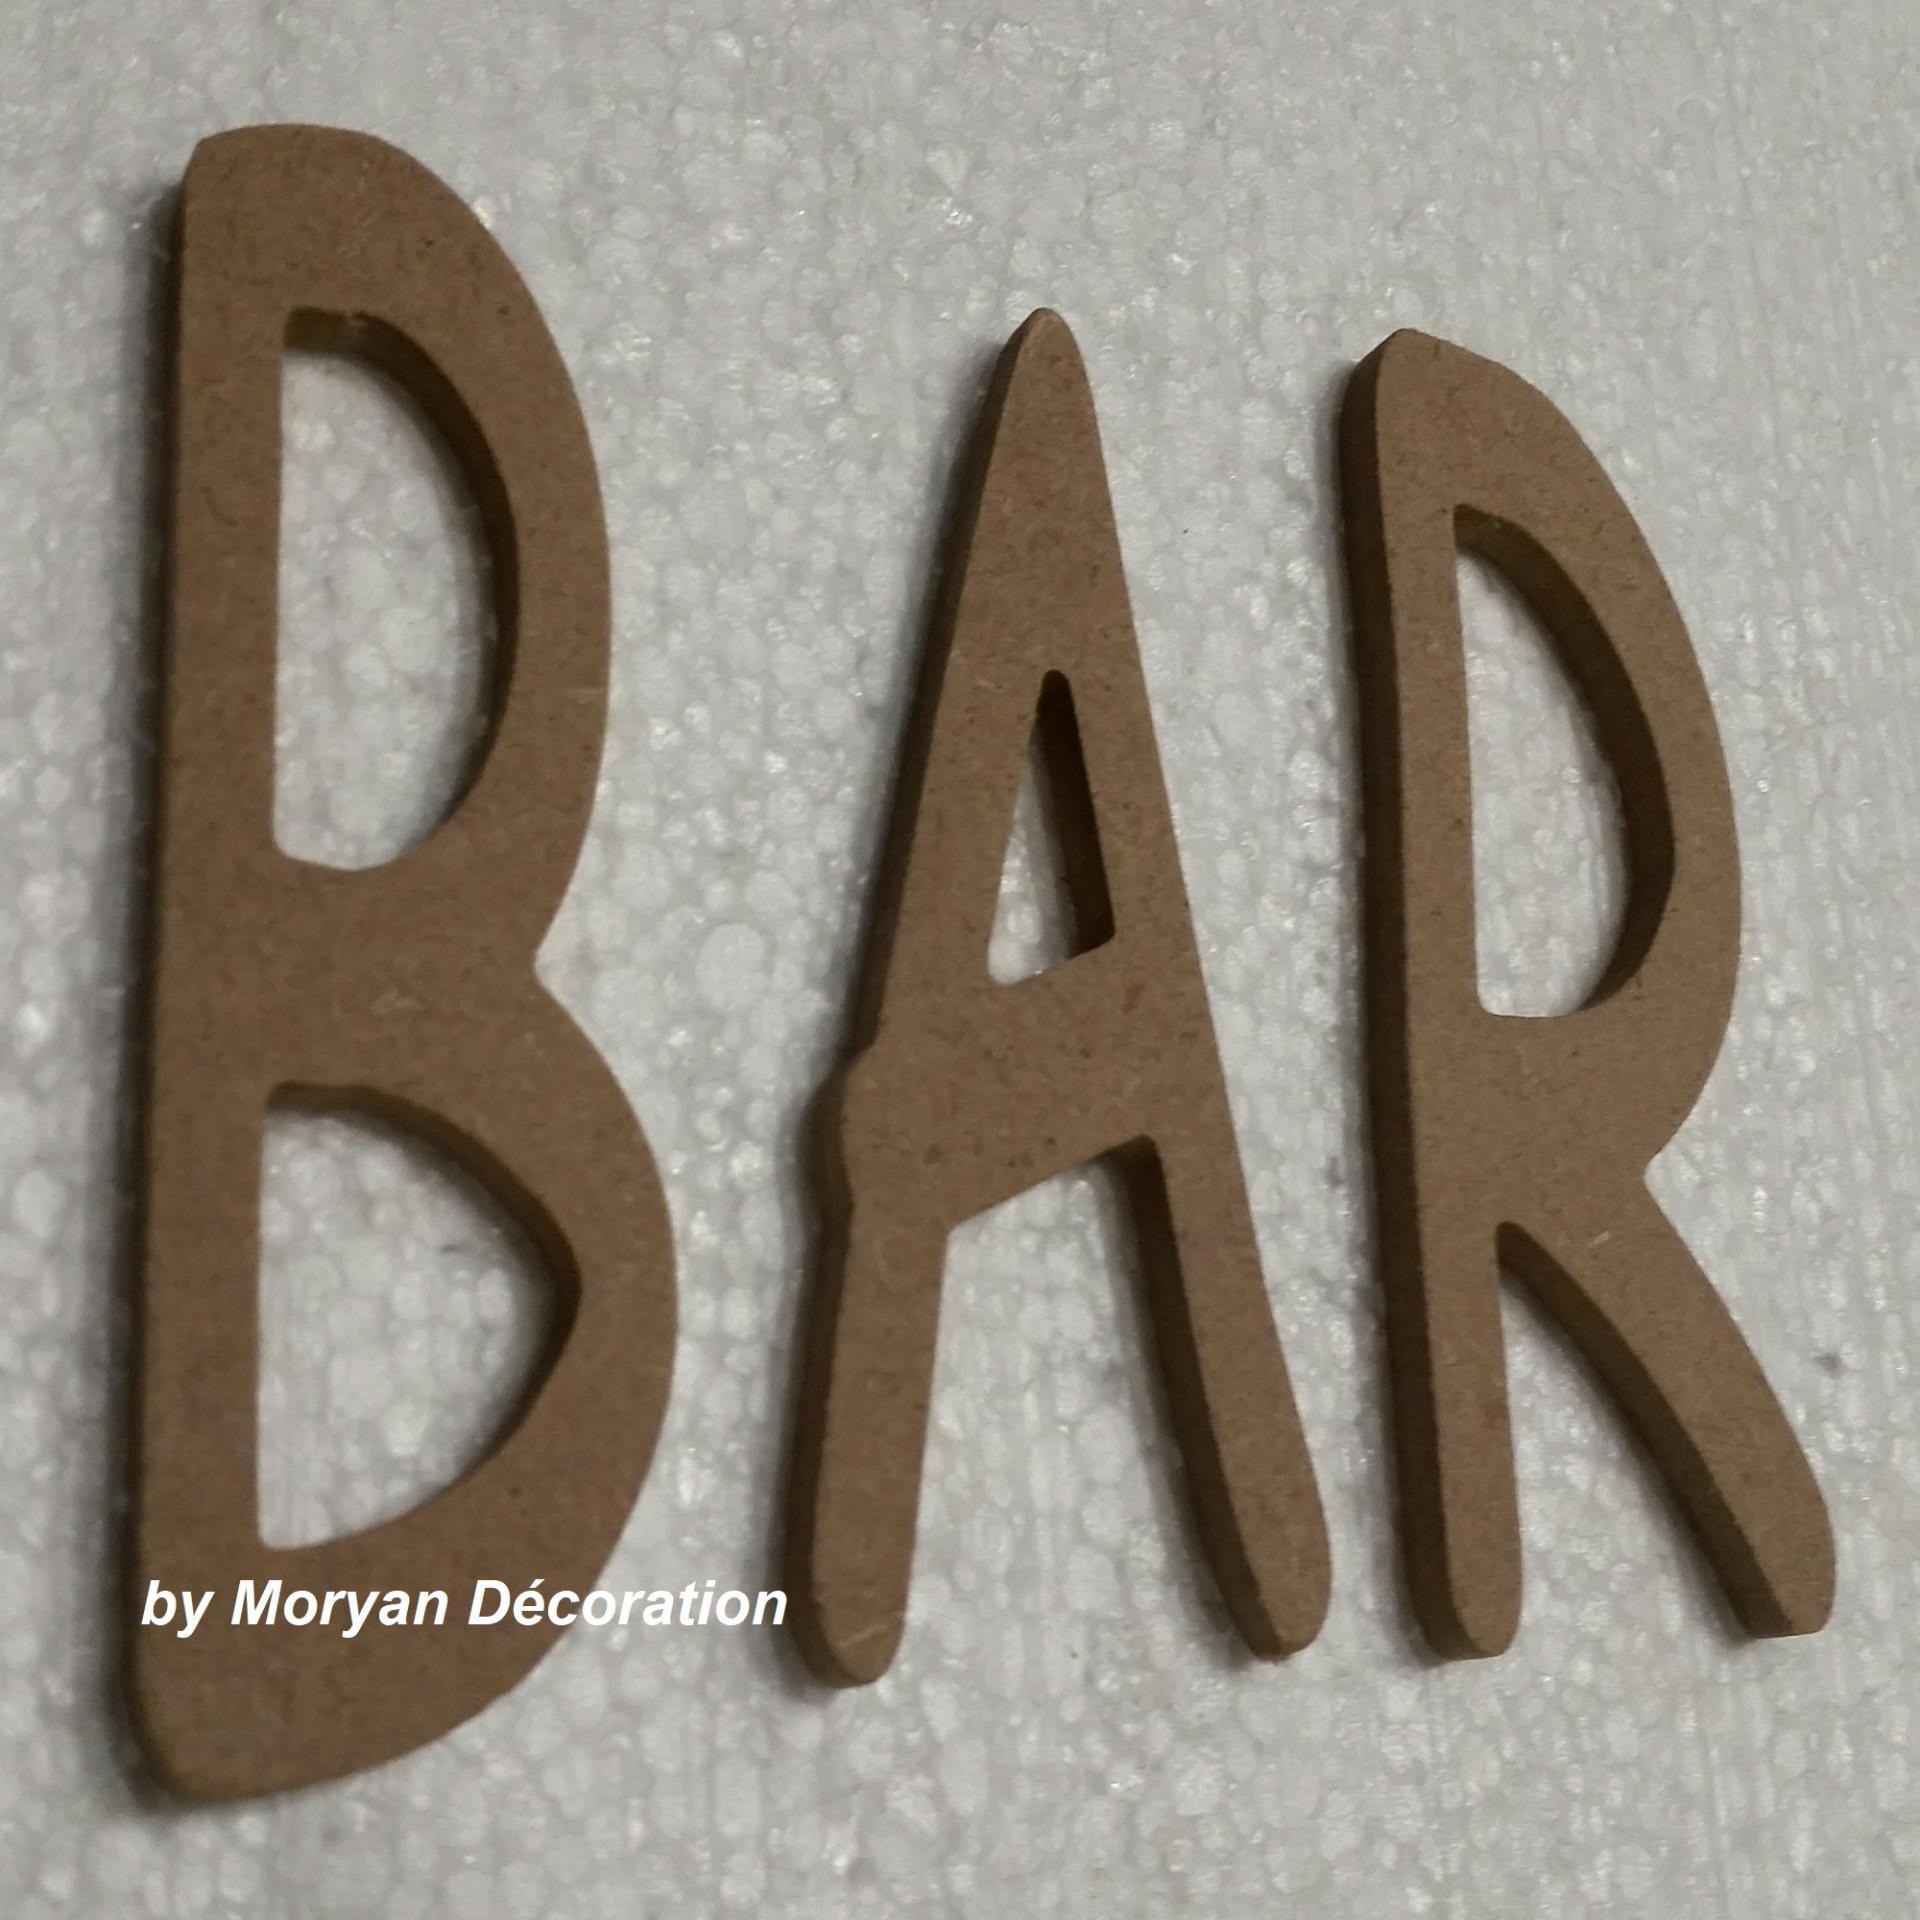 Lettres decoratives en bois a peindre ou a decorer bar